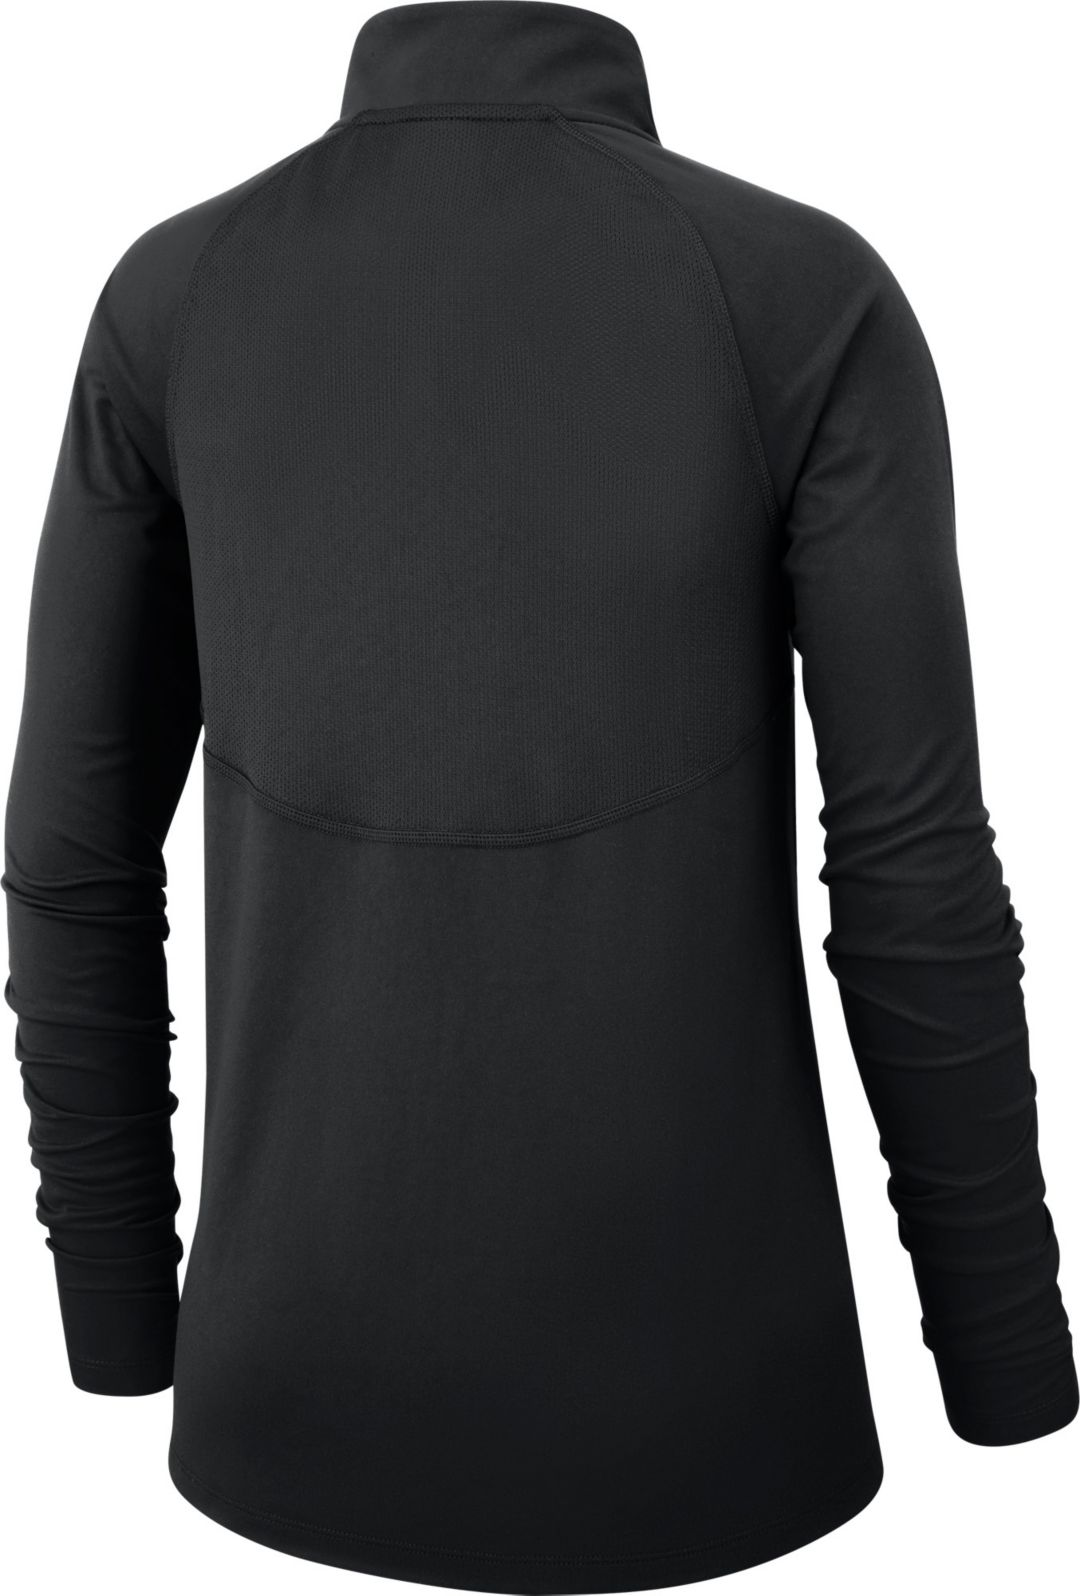 big sale 17e20 293d8 Nike Women's New Orleans Saints Core Black Half-Zip Pullover